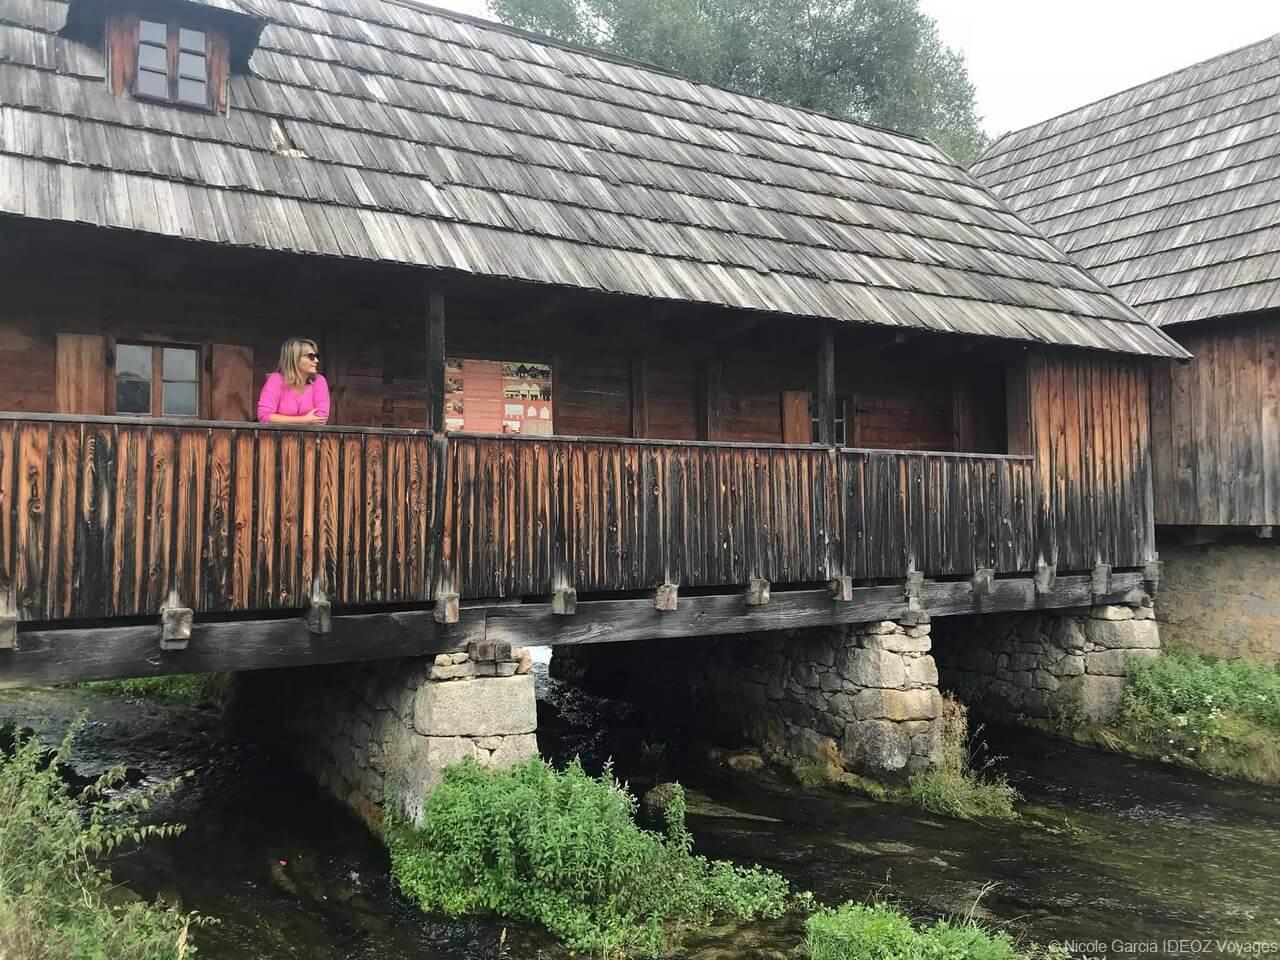 Que voir près du parc de Plitvice? Visites et excursions recommandées 2